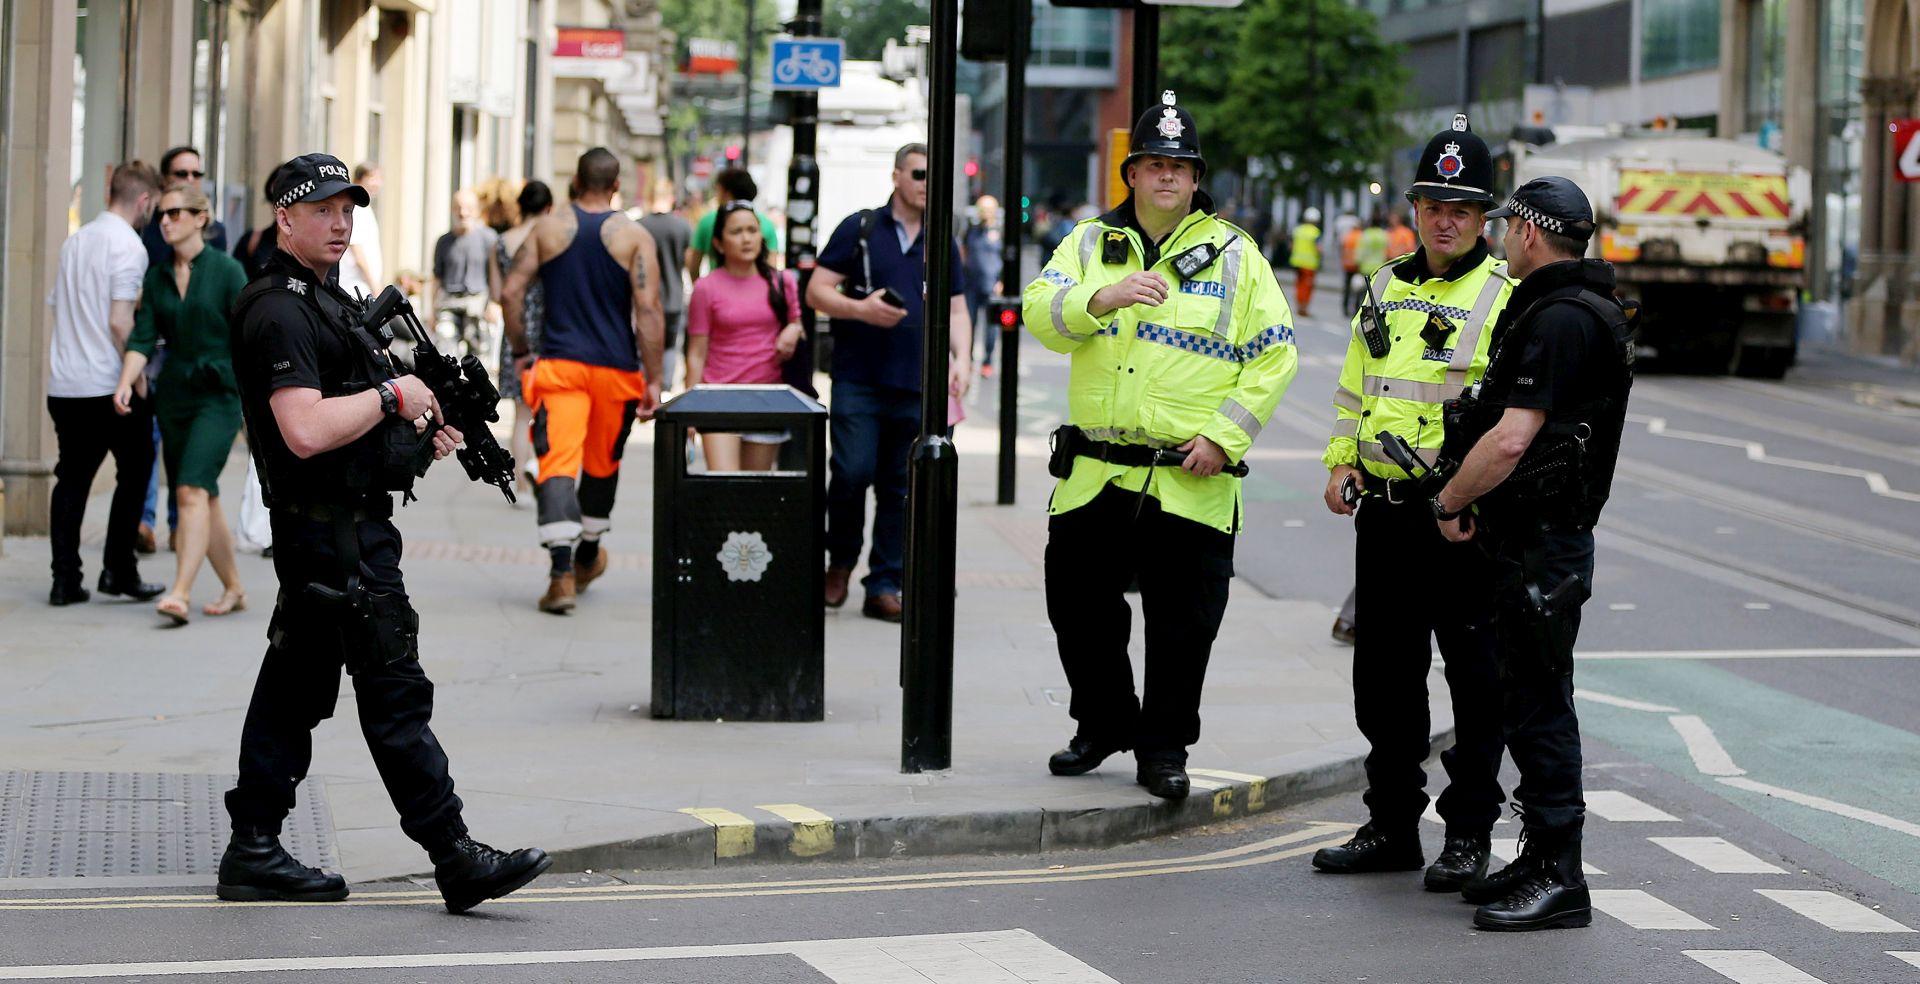 Incident u središnjoj Engleskoj nema veze s terorizmom